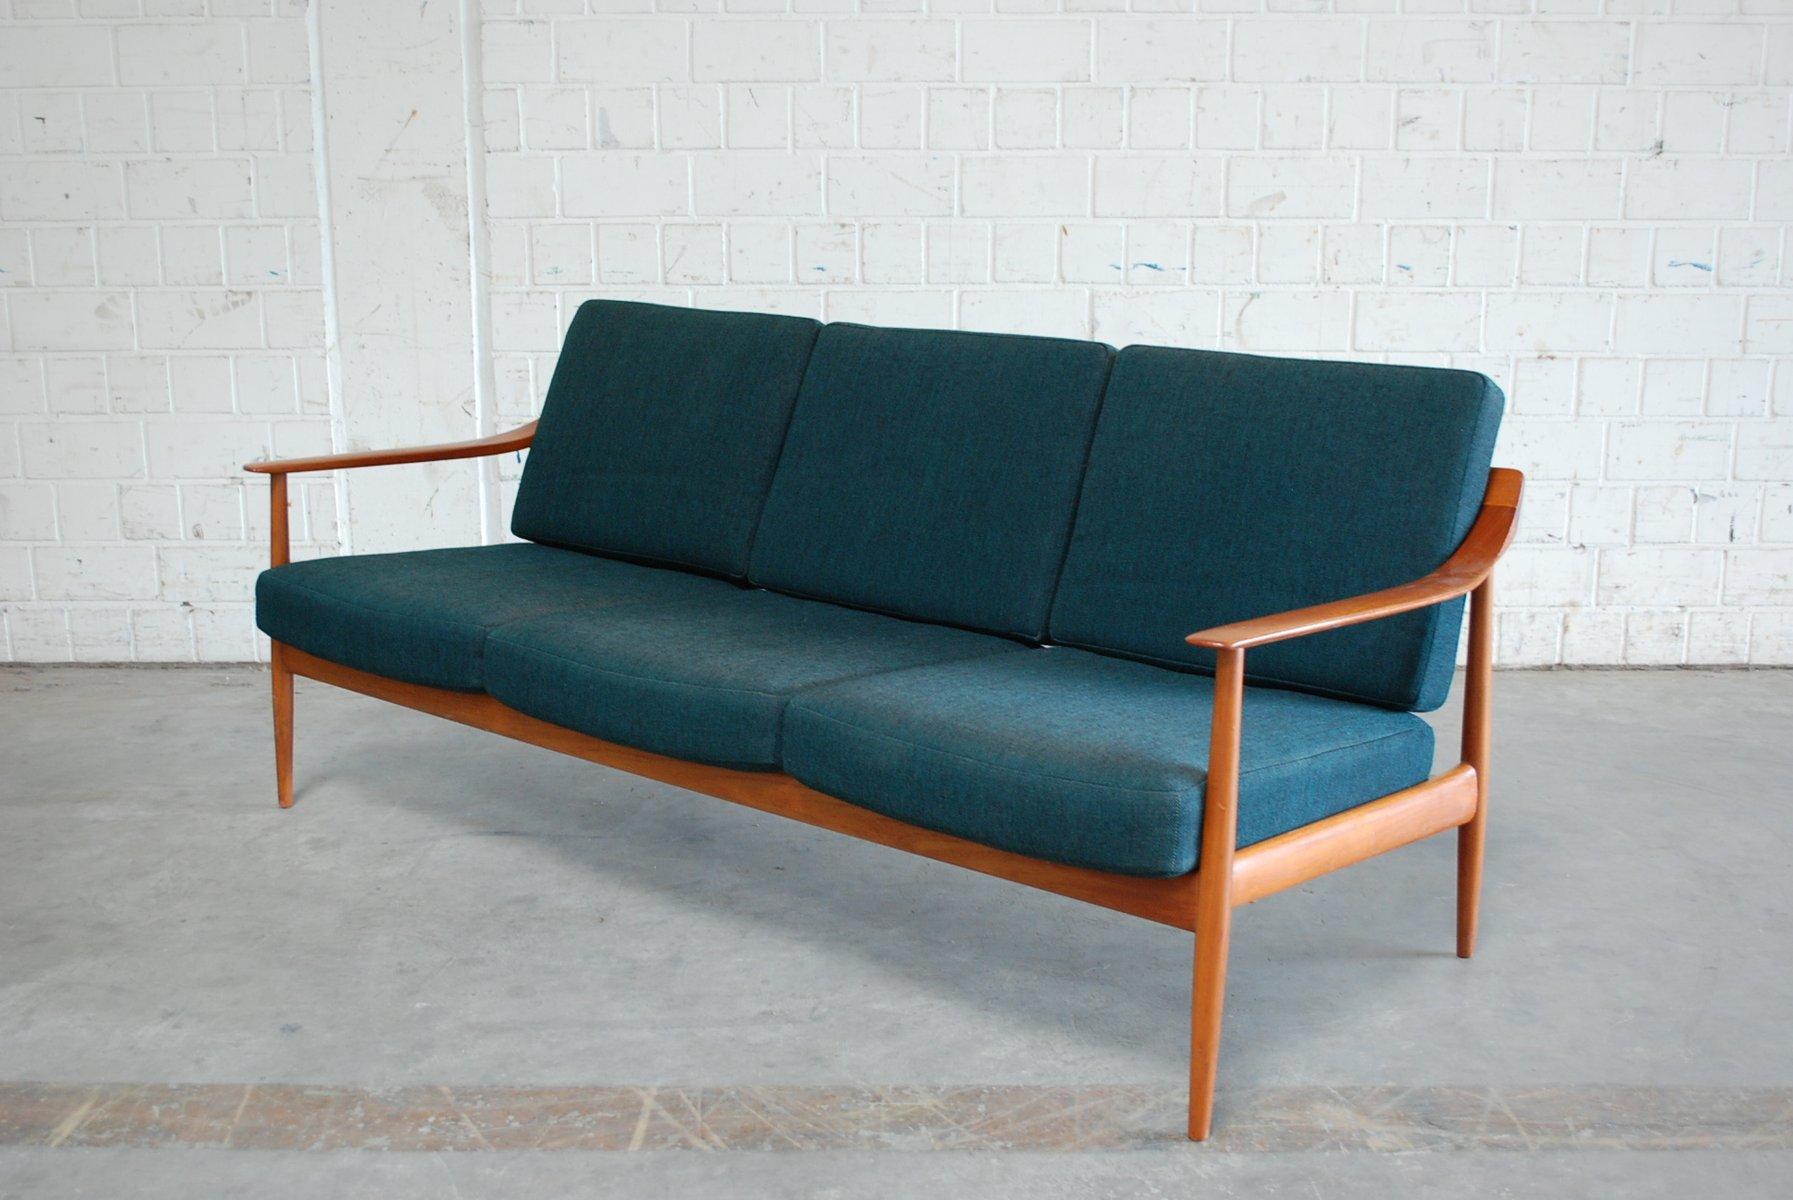 blaues teak sofa von knoll 1960er bei pamono kaufen. Black Bedroom Furniture Sets. Home Design Ideas